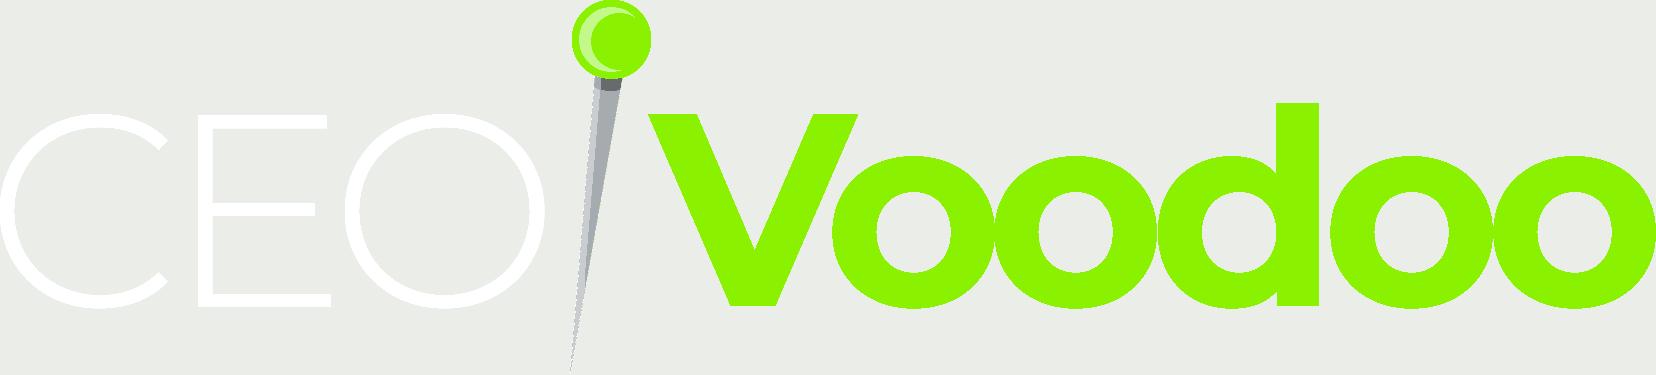 CEO Voodoo Logo